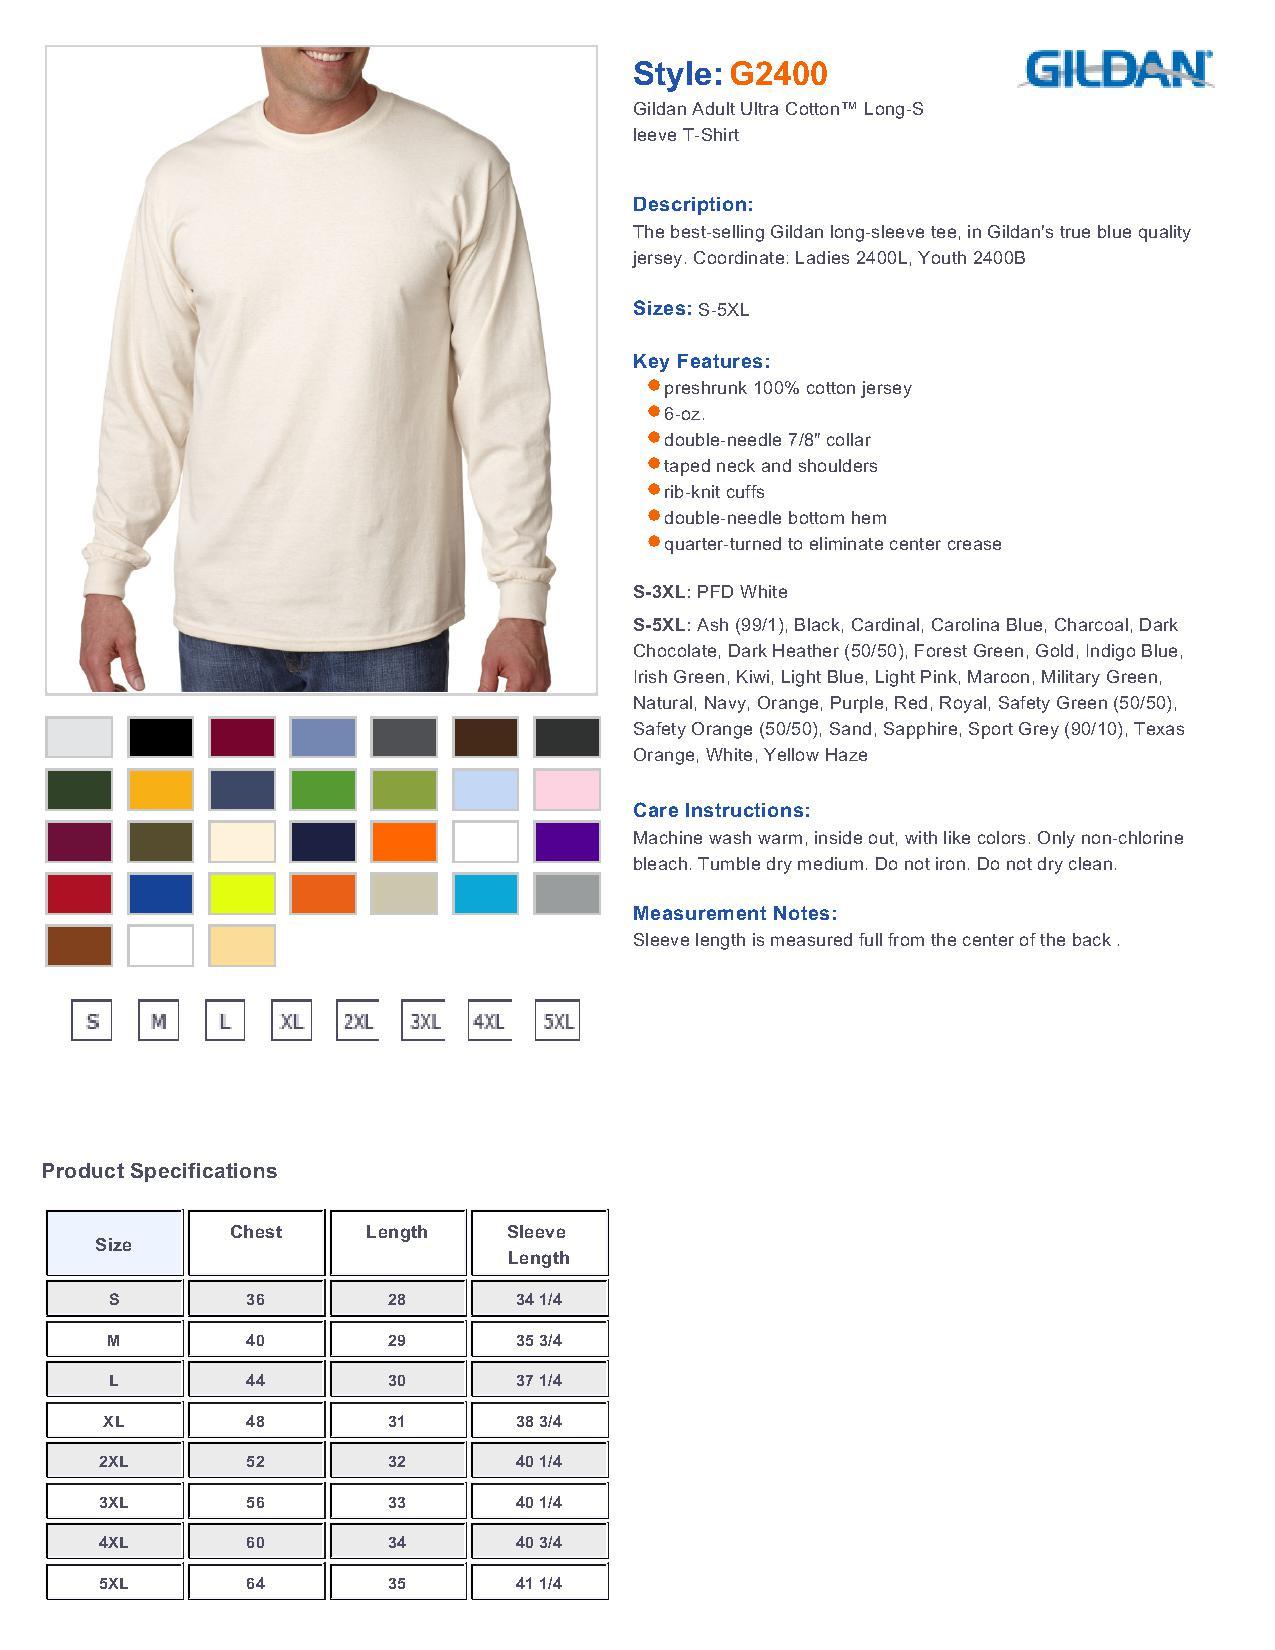 9405cccf5b19 Gildan 2400 Men's Ultra Cotton Long Sleeve T-shirt $5.82 - Men's T ...